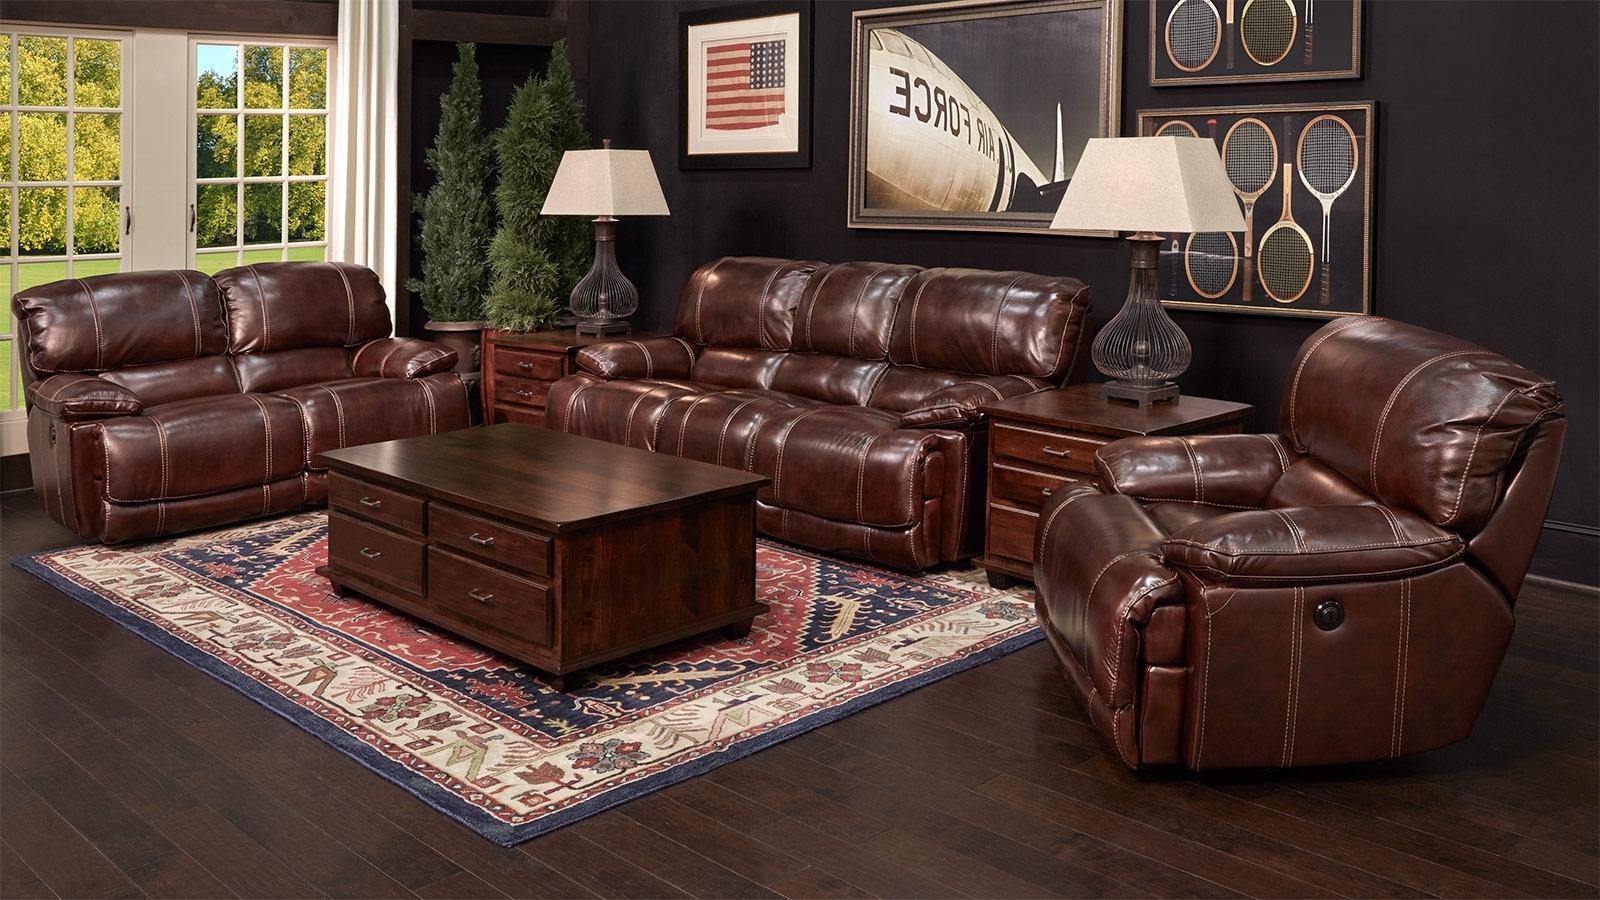 Most Recent Flexsteel Furniture / Gallery Furniture Store, Throughout Gallery Furniture Sectional Sofas (View 11 of 15)